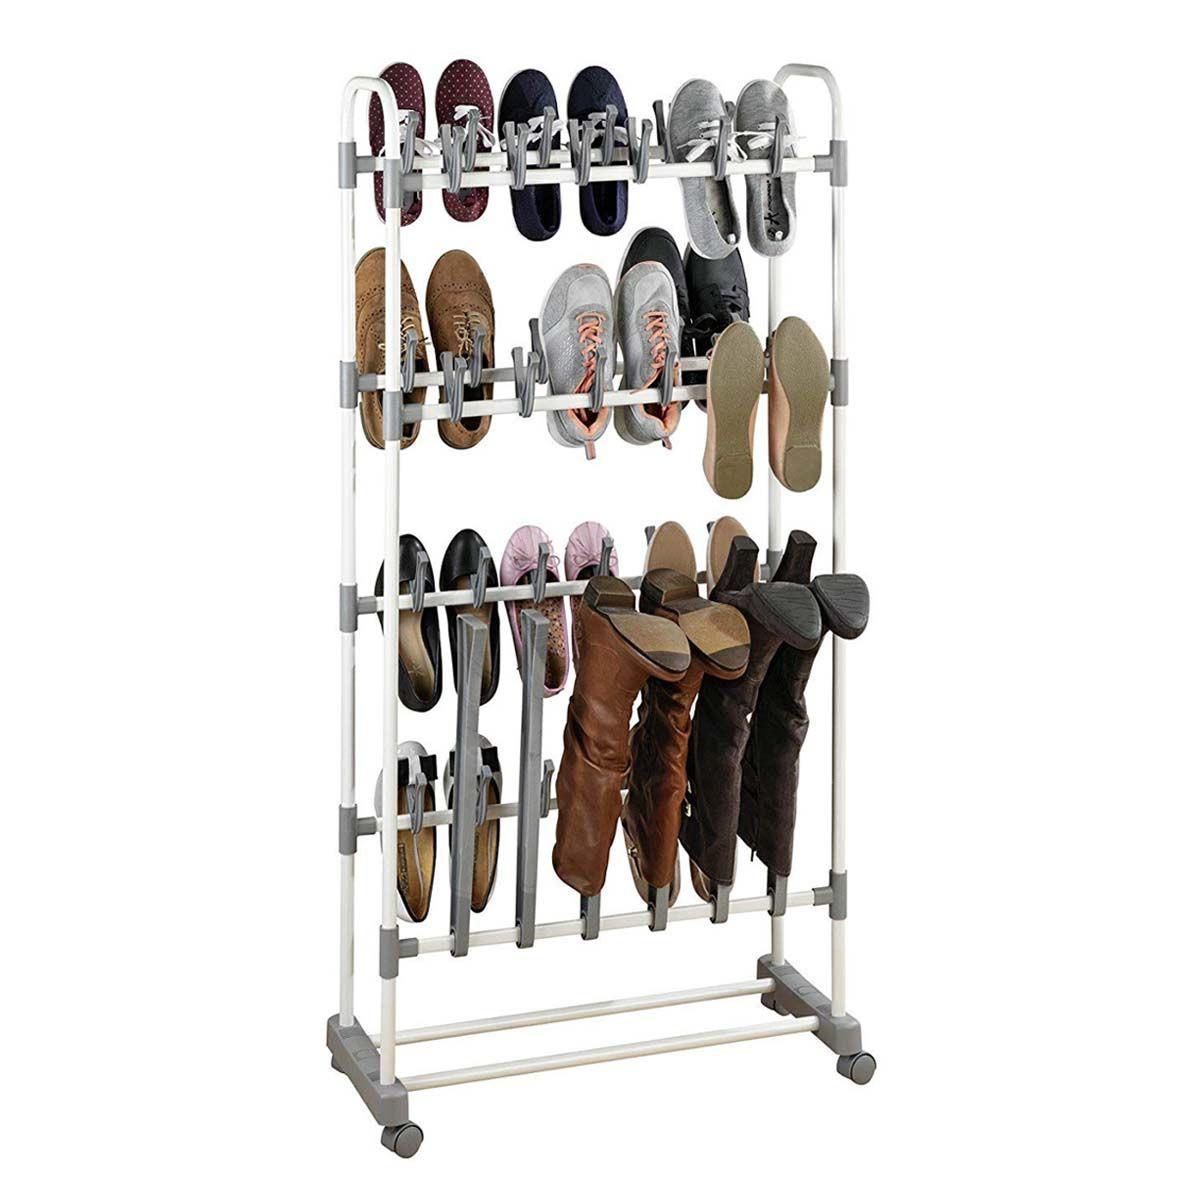 Rangement À Chaussures Gain De Place Étagère à chaussures gain de place sur roulettes